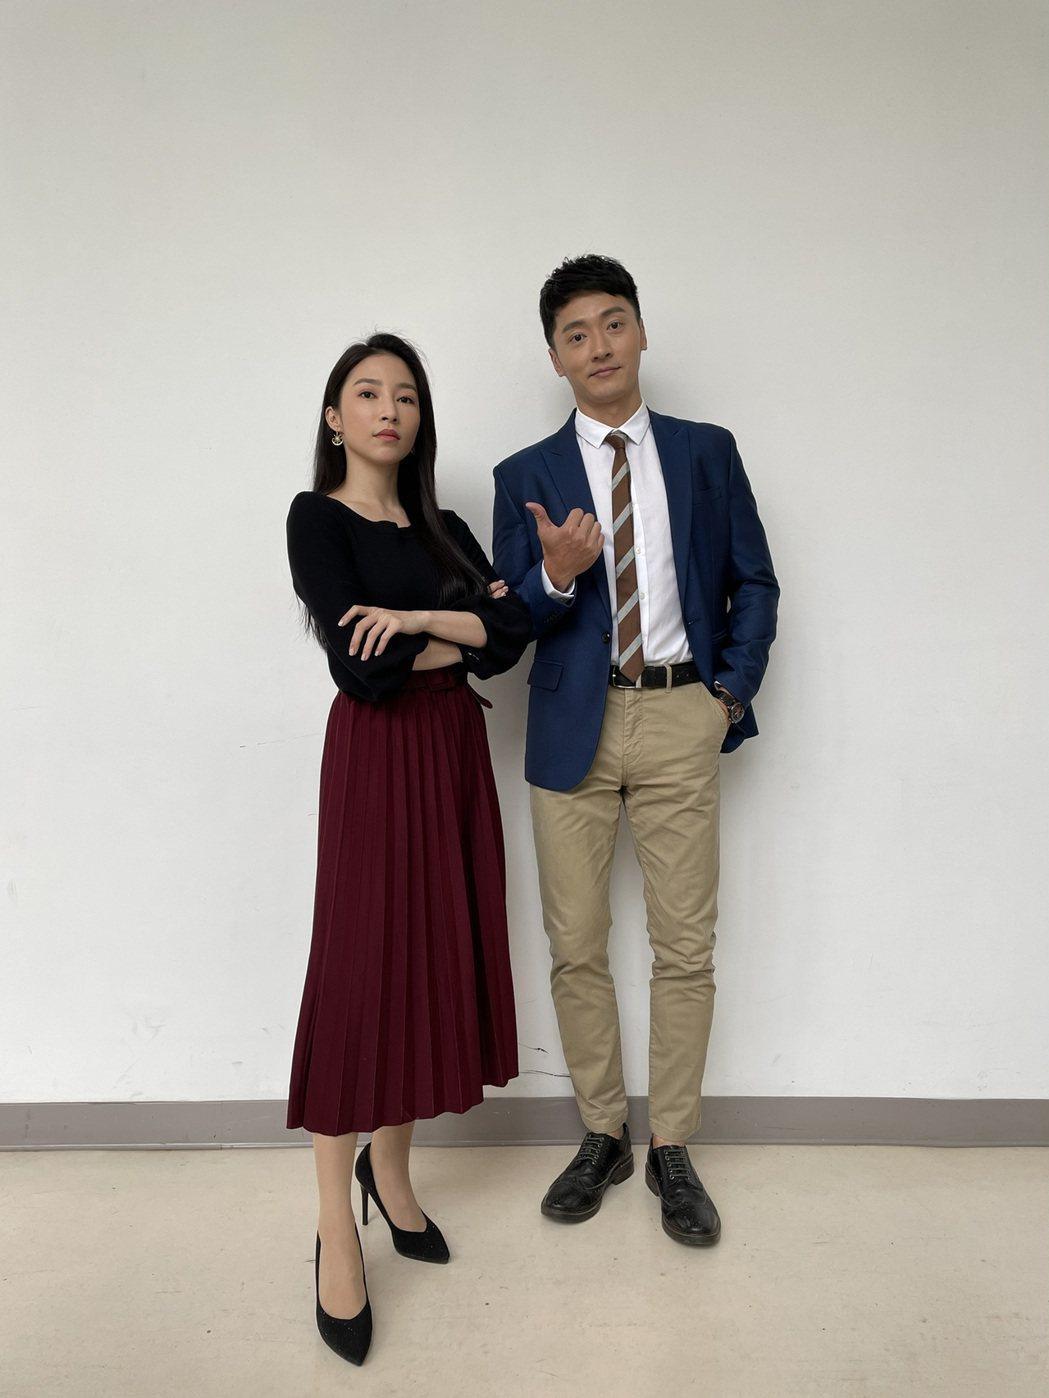 張家瑋(左)、馬俊麟在「多情城市」中不打不相識。圖/民視提供